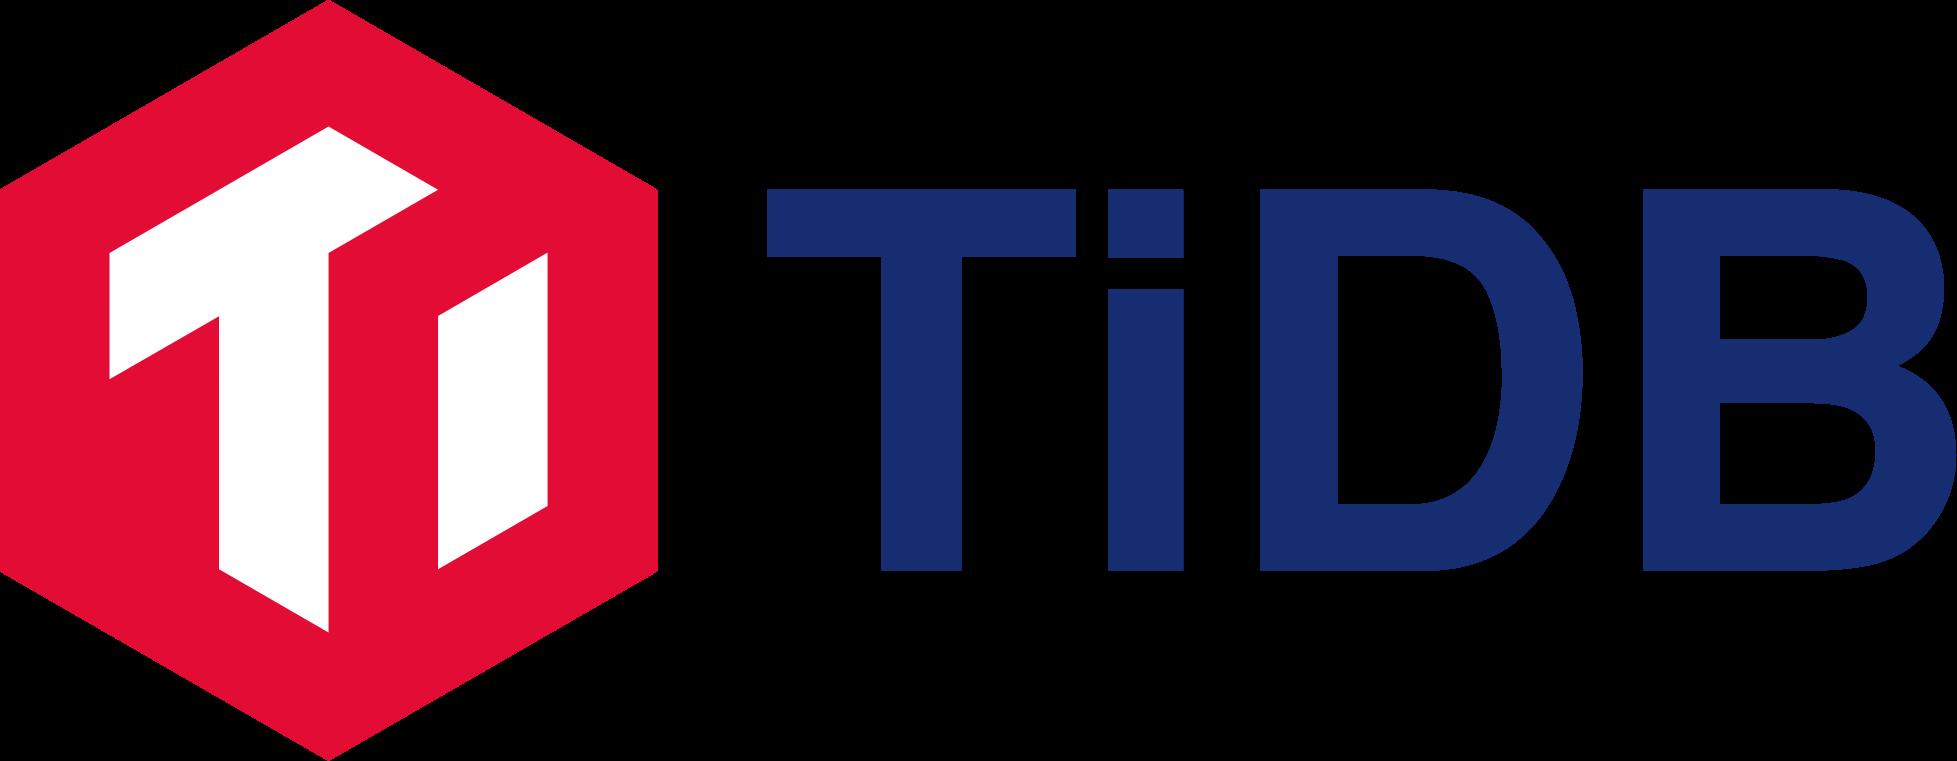 Database of Databases - TiDB